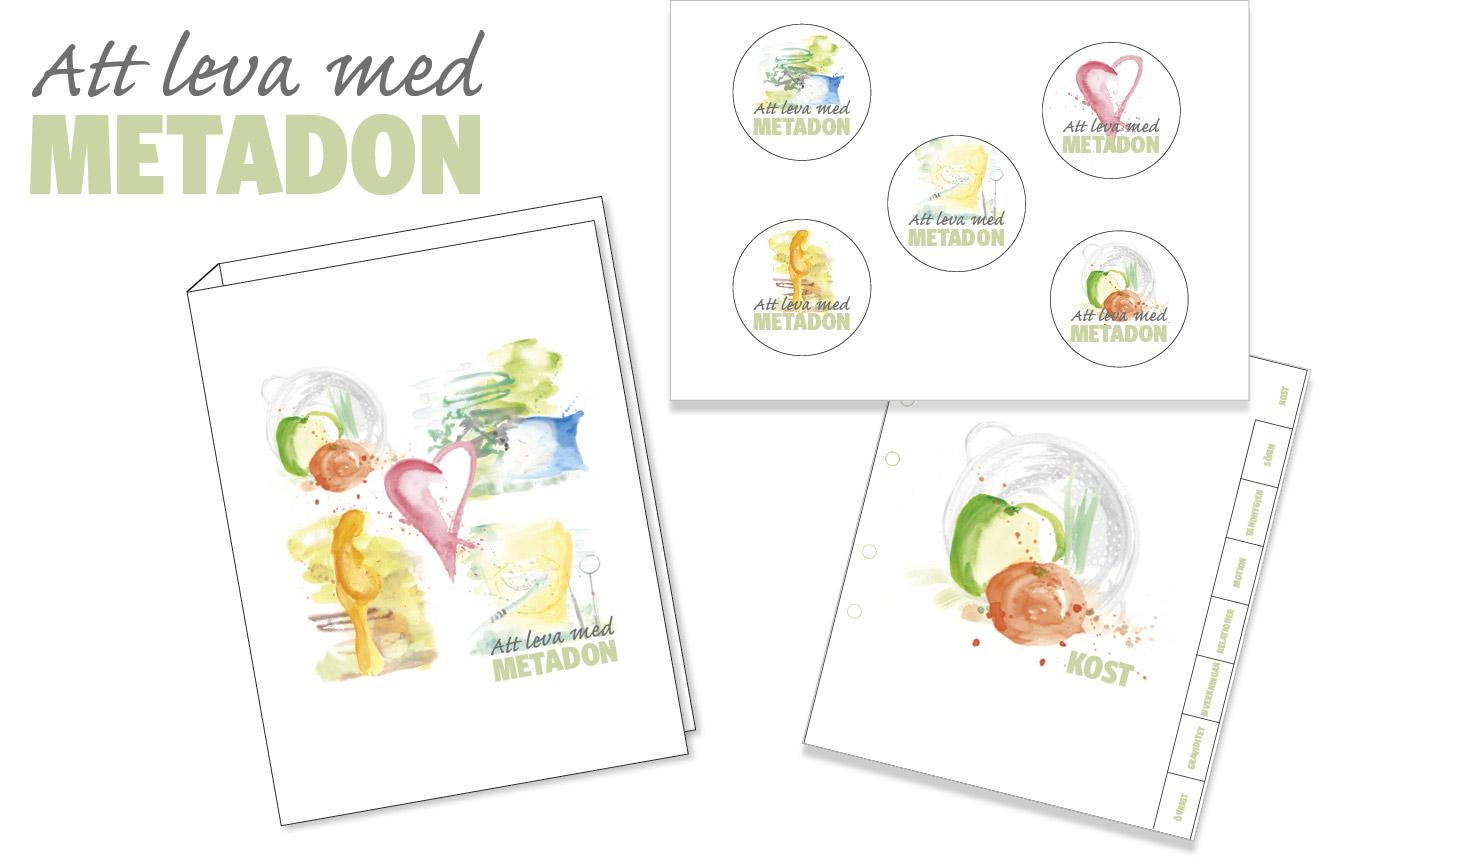 NordicDrugs_metadon-1